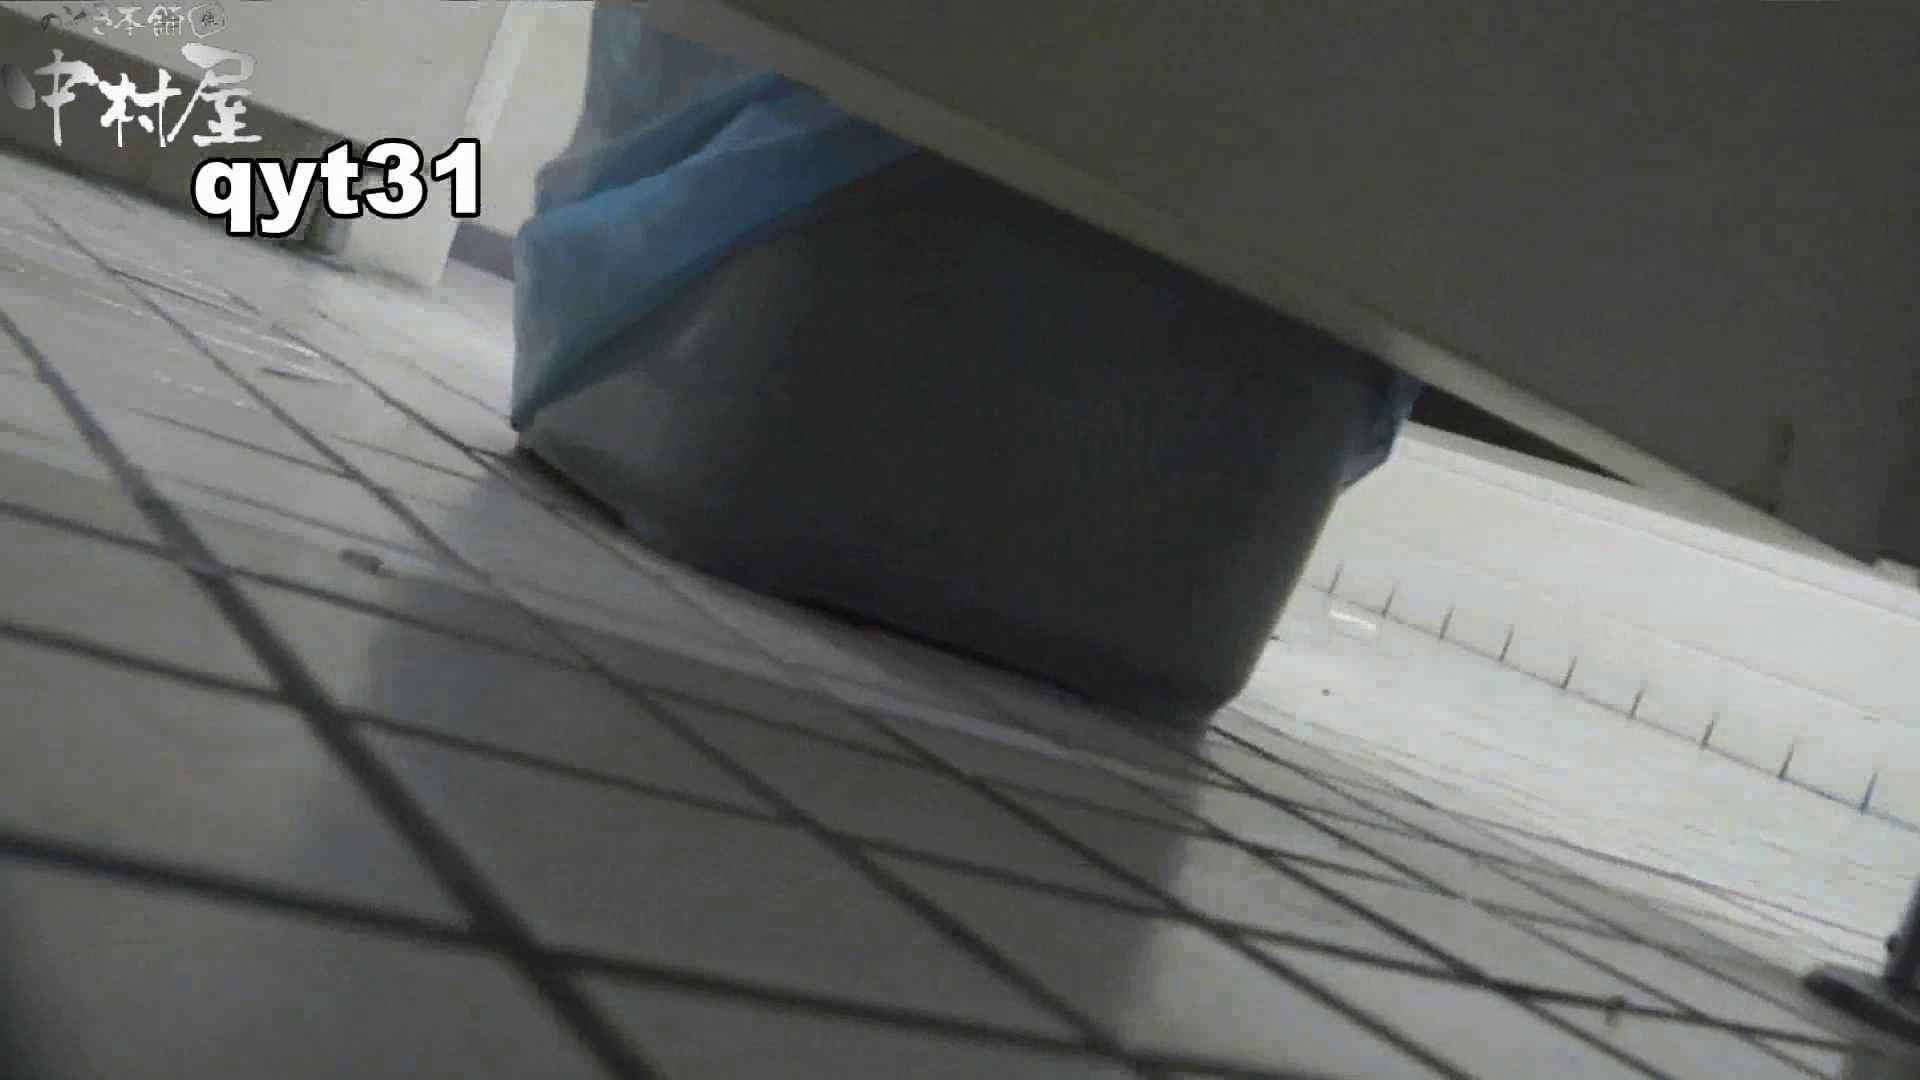 【お銀さんの「洗面所突入レポート!!」】お銀さんの「洗面所突入レポート!!」 vol.31 Σ(||゚Д゚)ヒィ~!! OLセックス | 洗面所  66画像 3